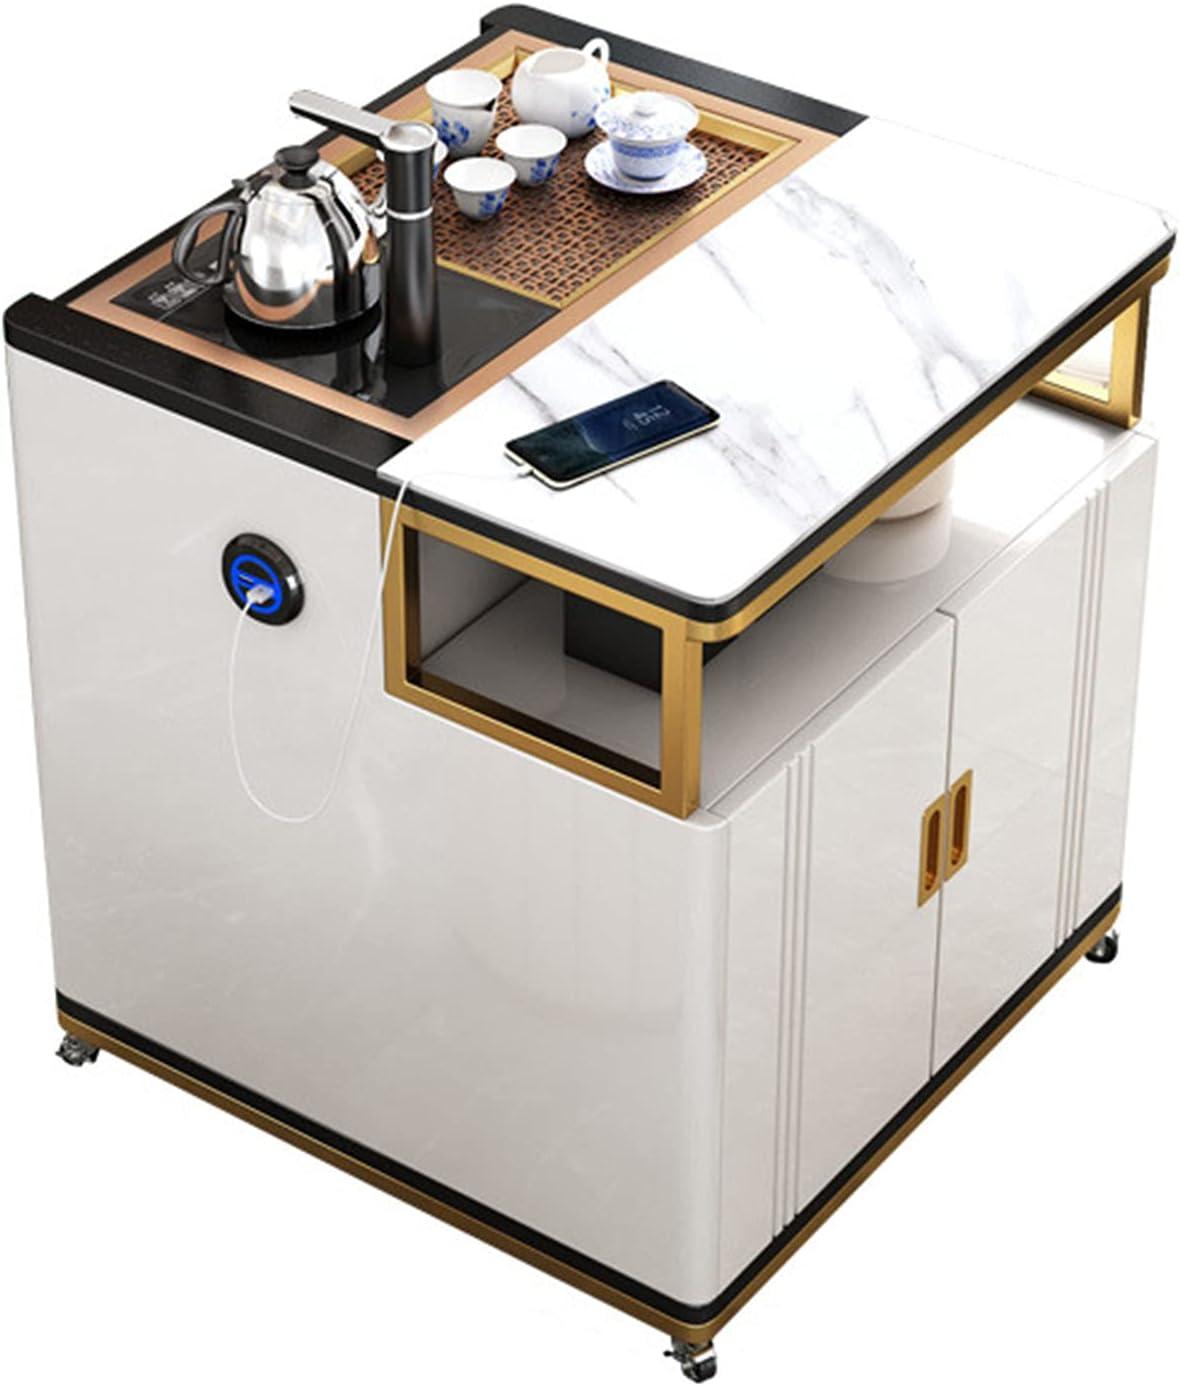 Luxury Mobile Lift Coffee online shop Table Desk Home Rock Tea 2021 model Board